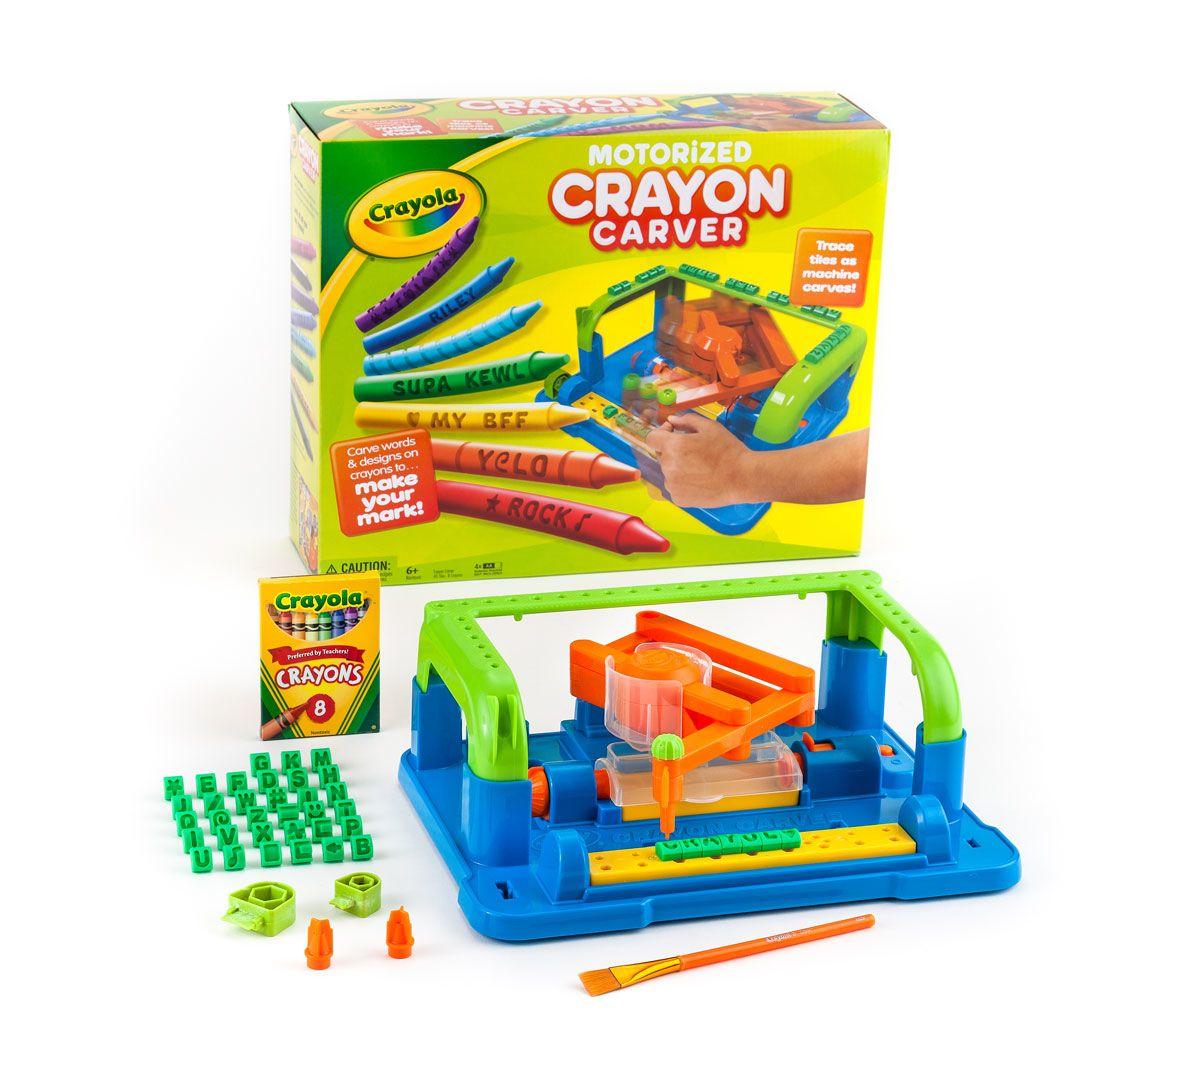 Crayola-CrayonCarver